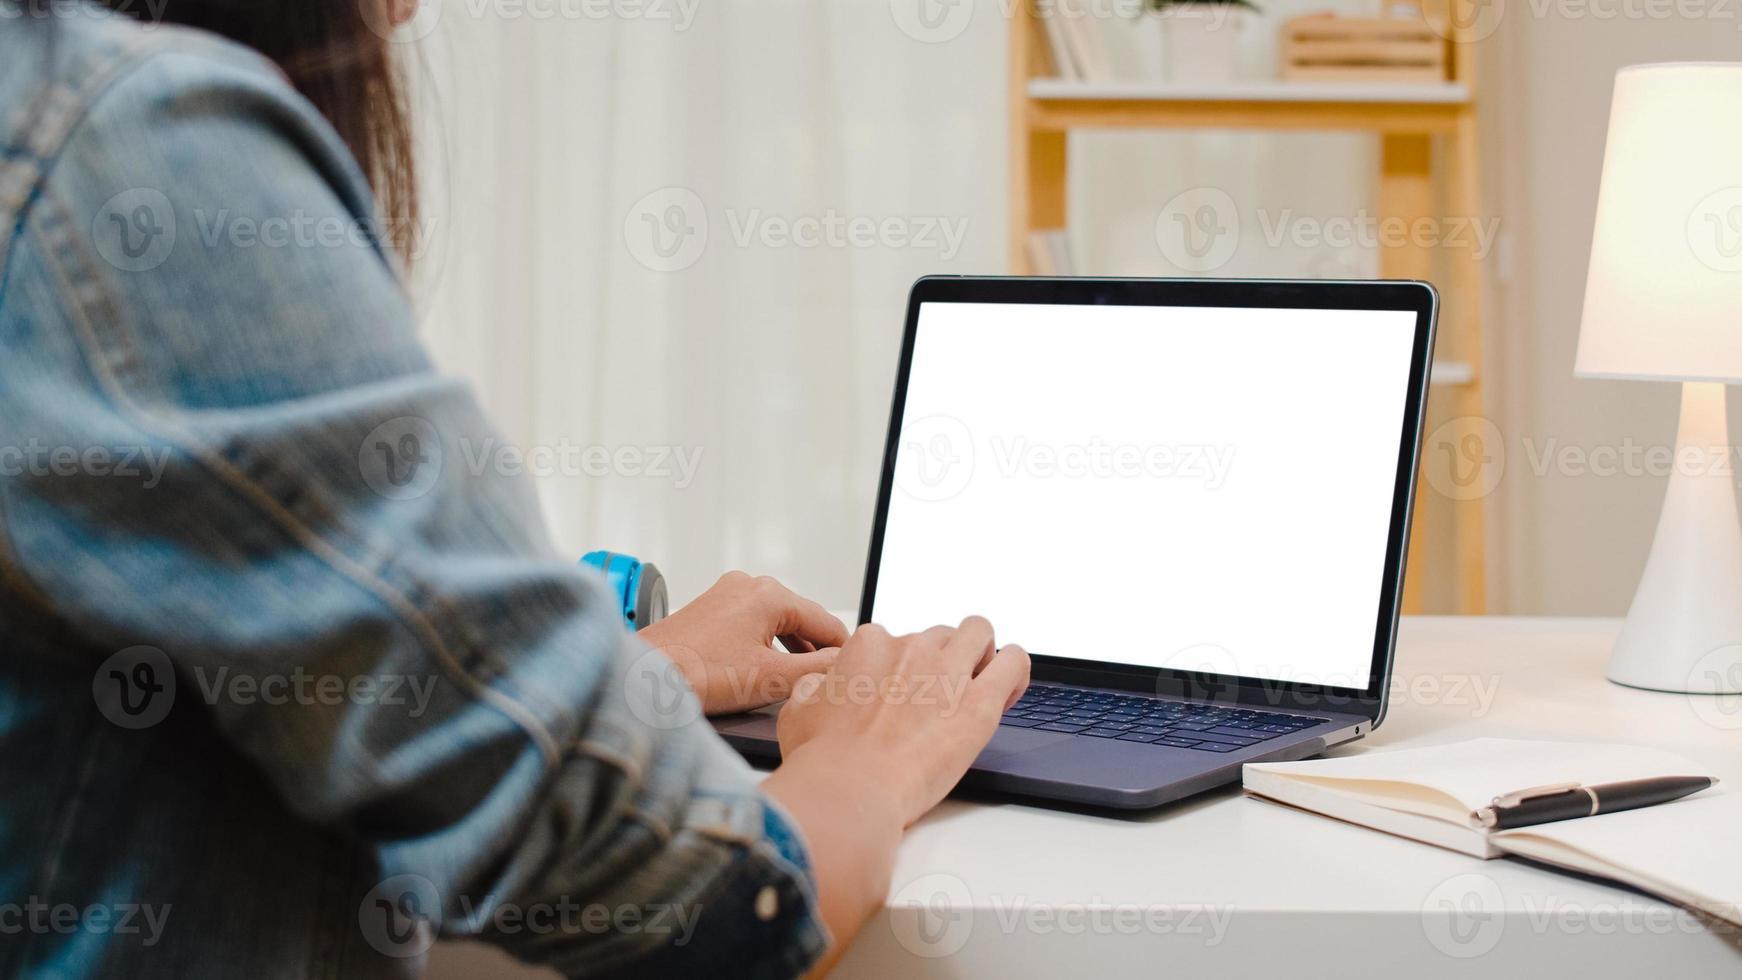 jeune femme asiatique créative assise à son bureau à l'aide d'un ordinateur portable avec une maquette d'écran blanc dans le salon confortable d'une maison moderne. photo